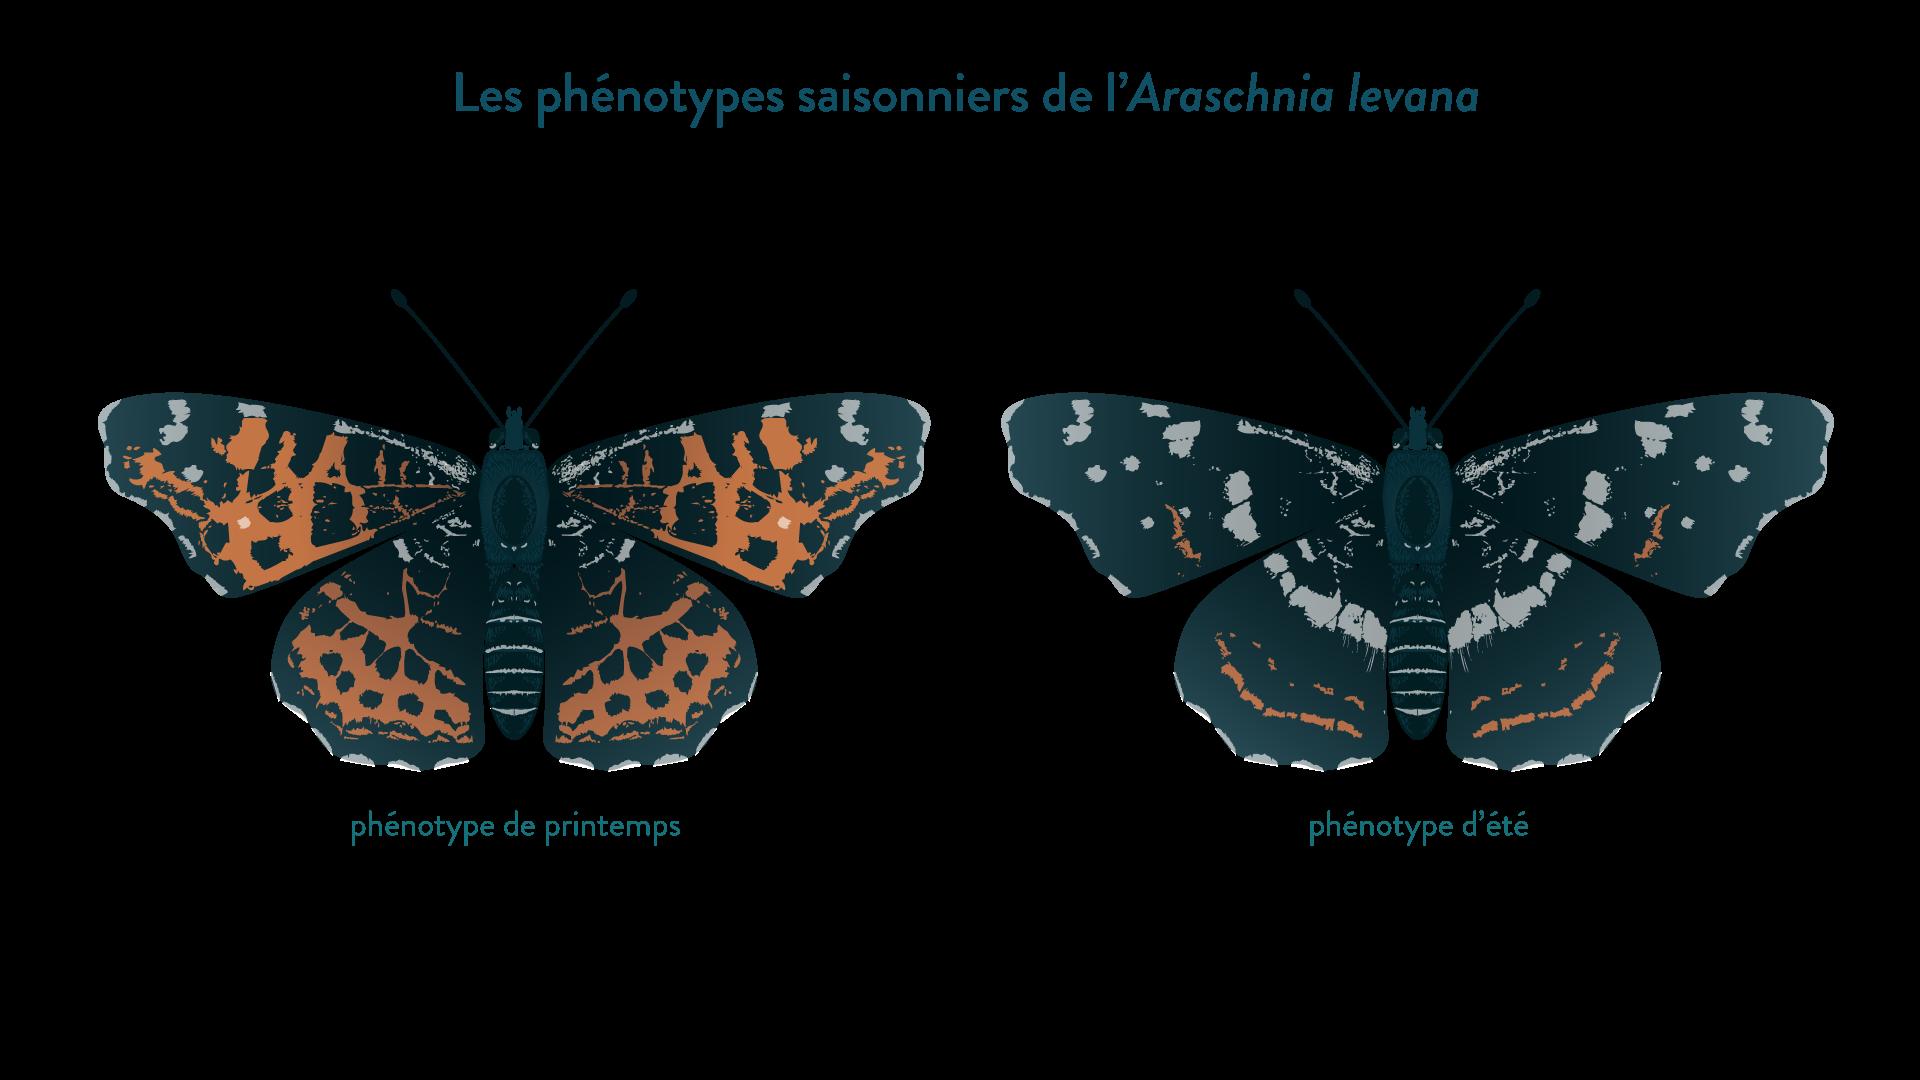 Les phénotypes saisonniers de l'Araschnia levana